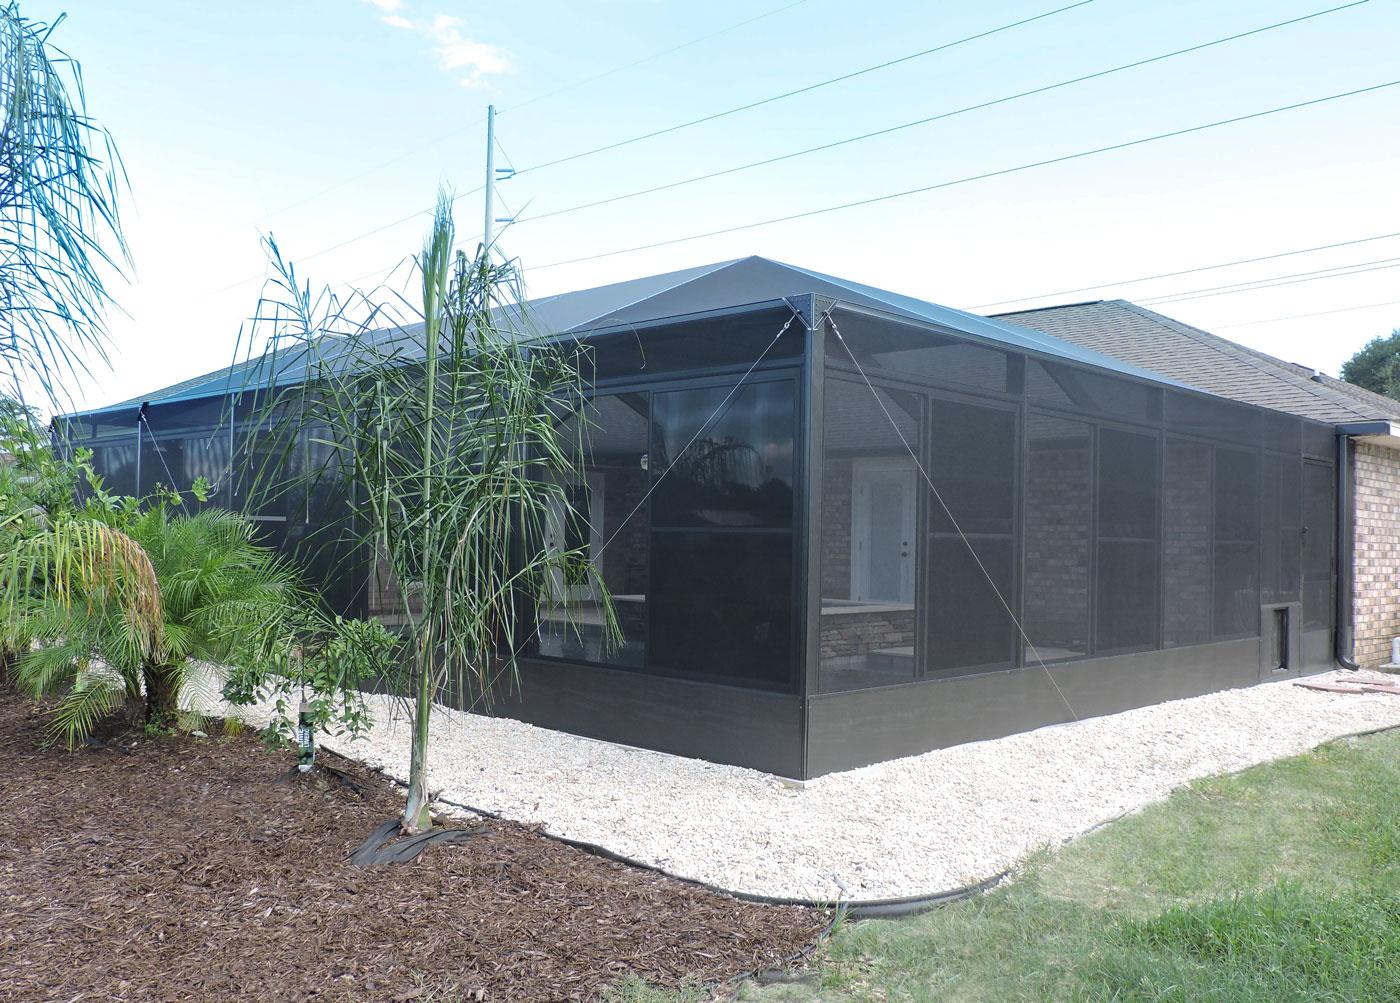 Swimming pool enclosure in Pensacola